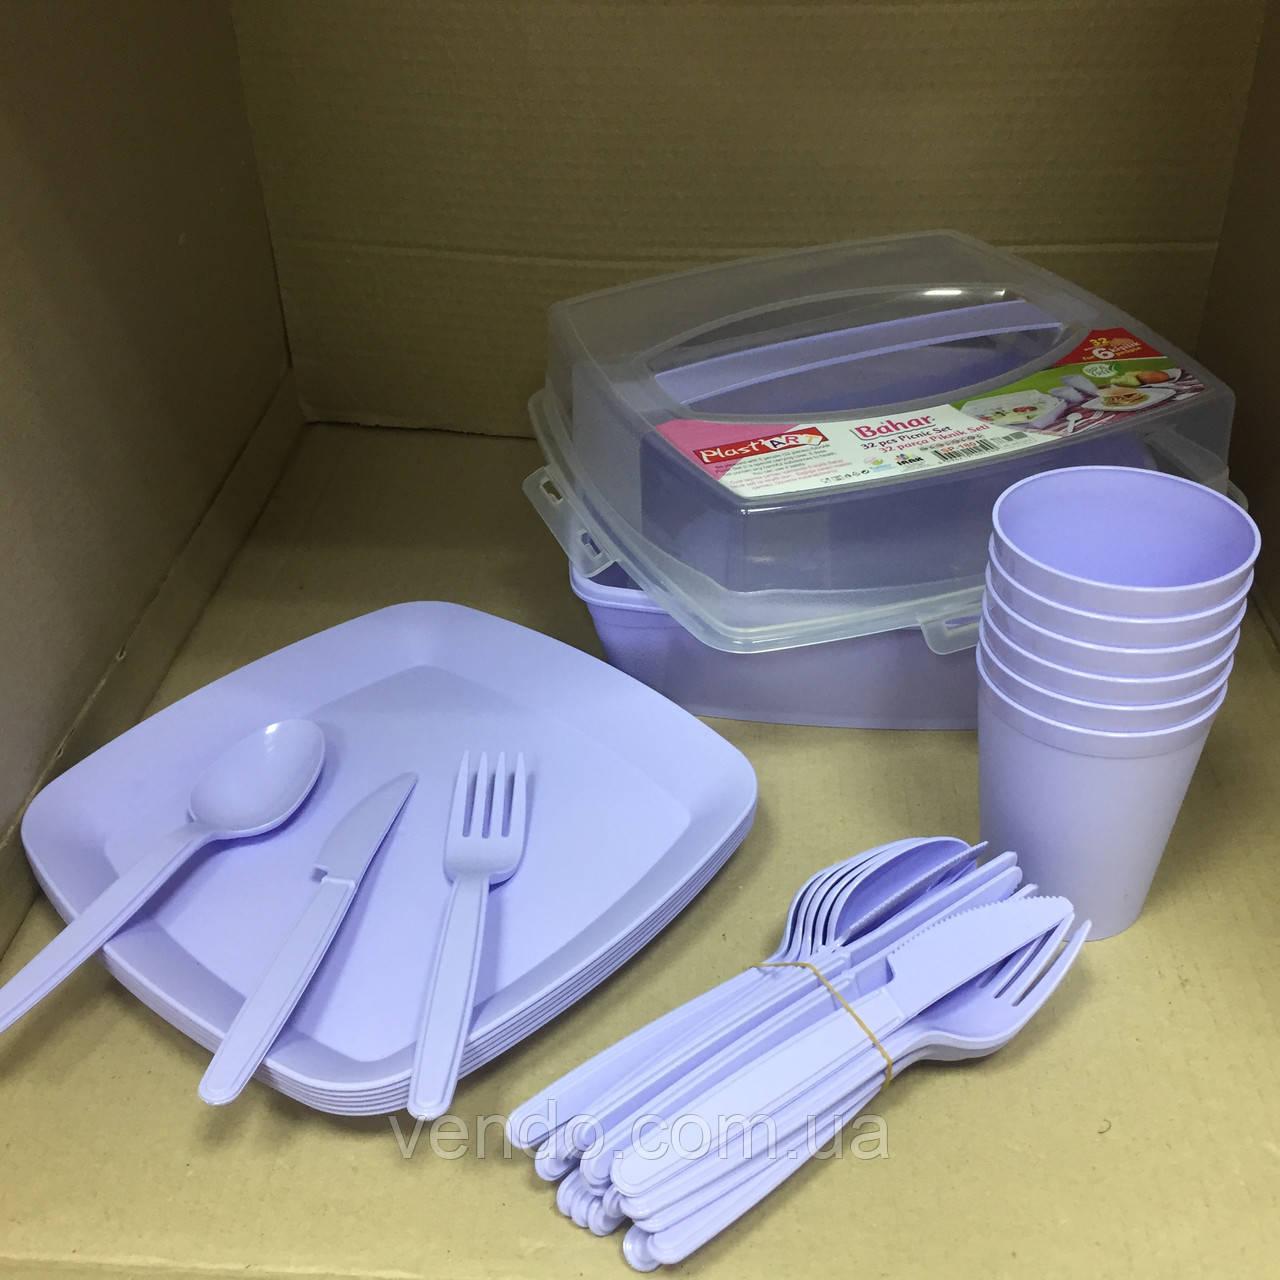 Набор посуды для пикника 32 предмета на 6 персон Турция